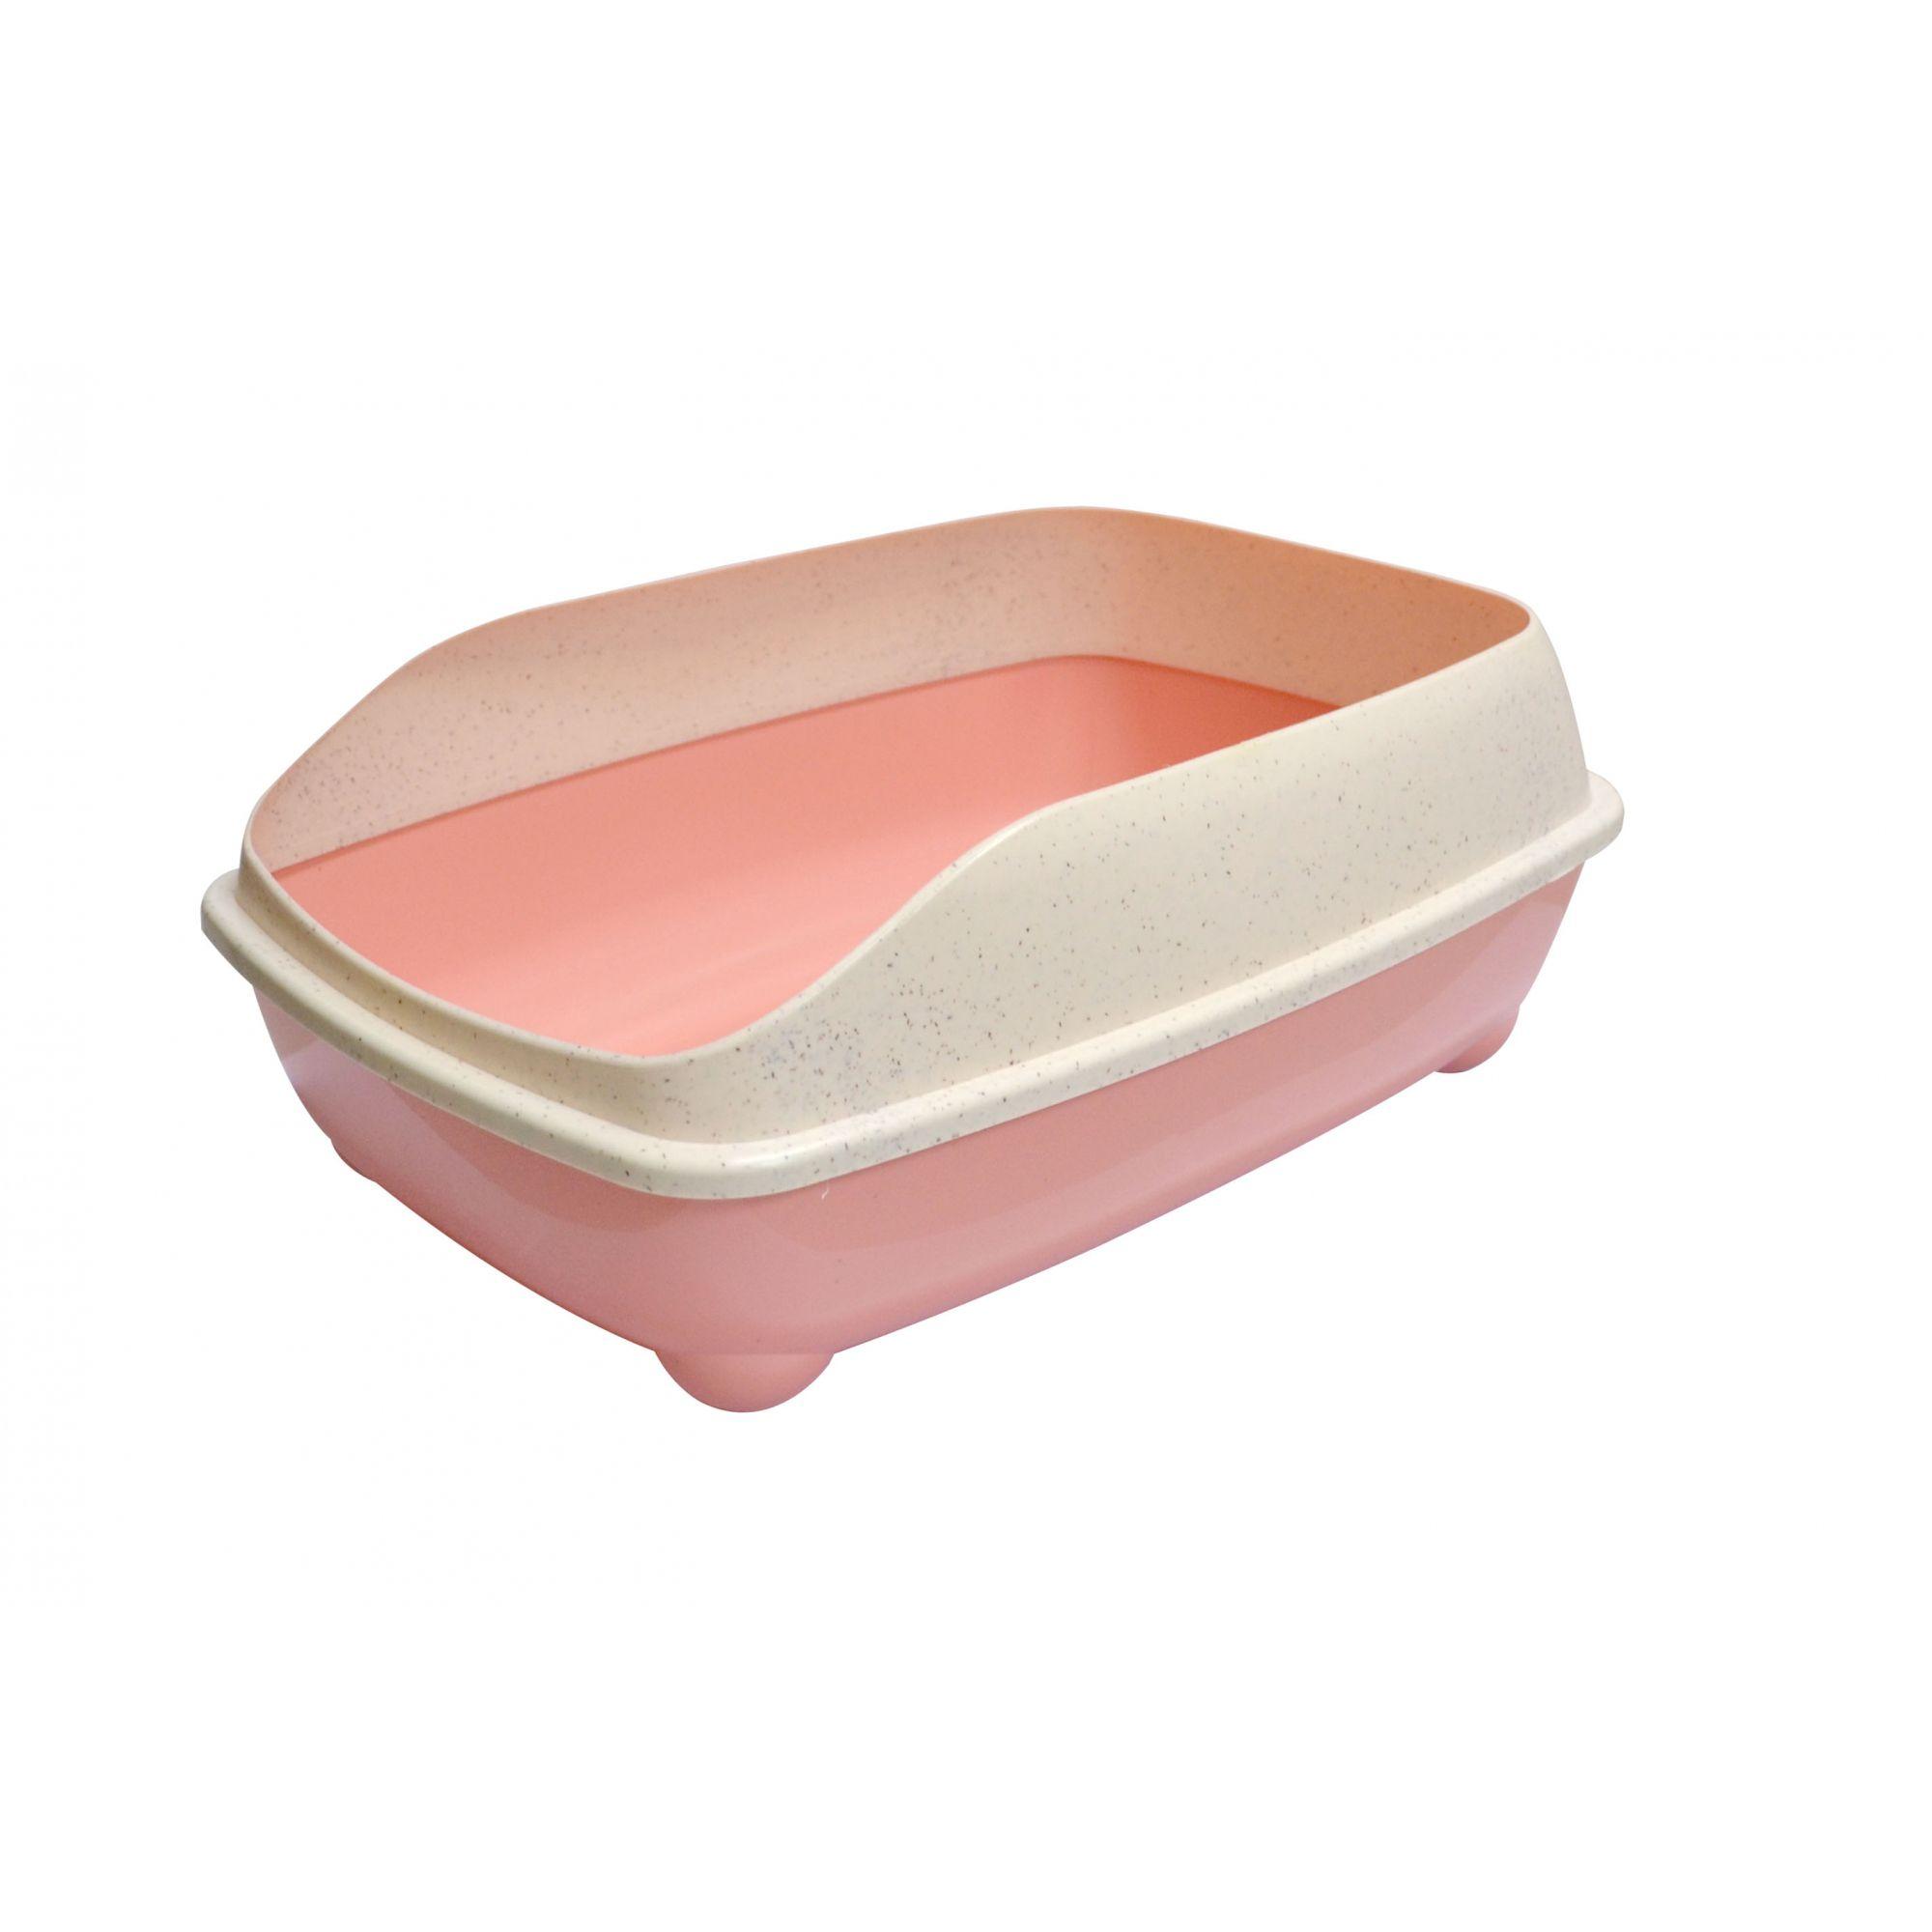 Bandeja sanitária para areia higiênica de gatos com pá coletora - Banheiro sanitário para gato com bordas Pet Flex Rosa Flamingo